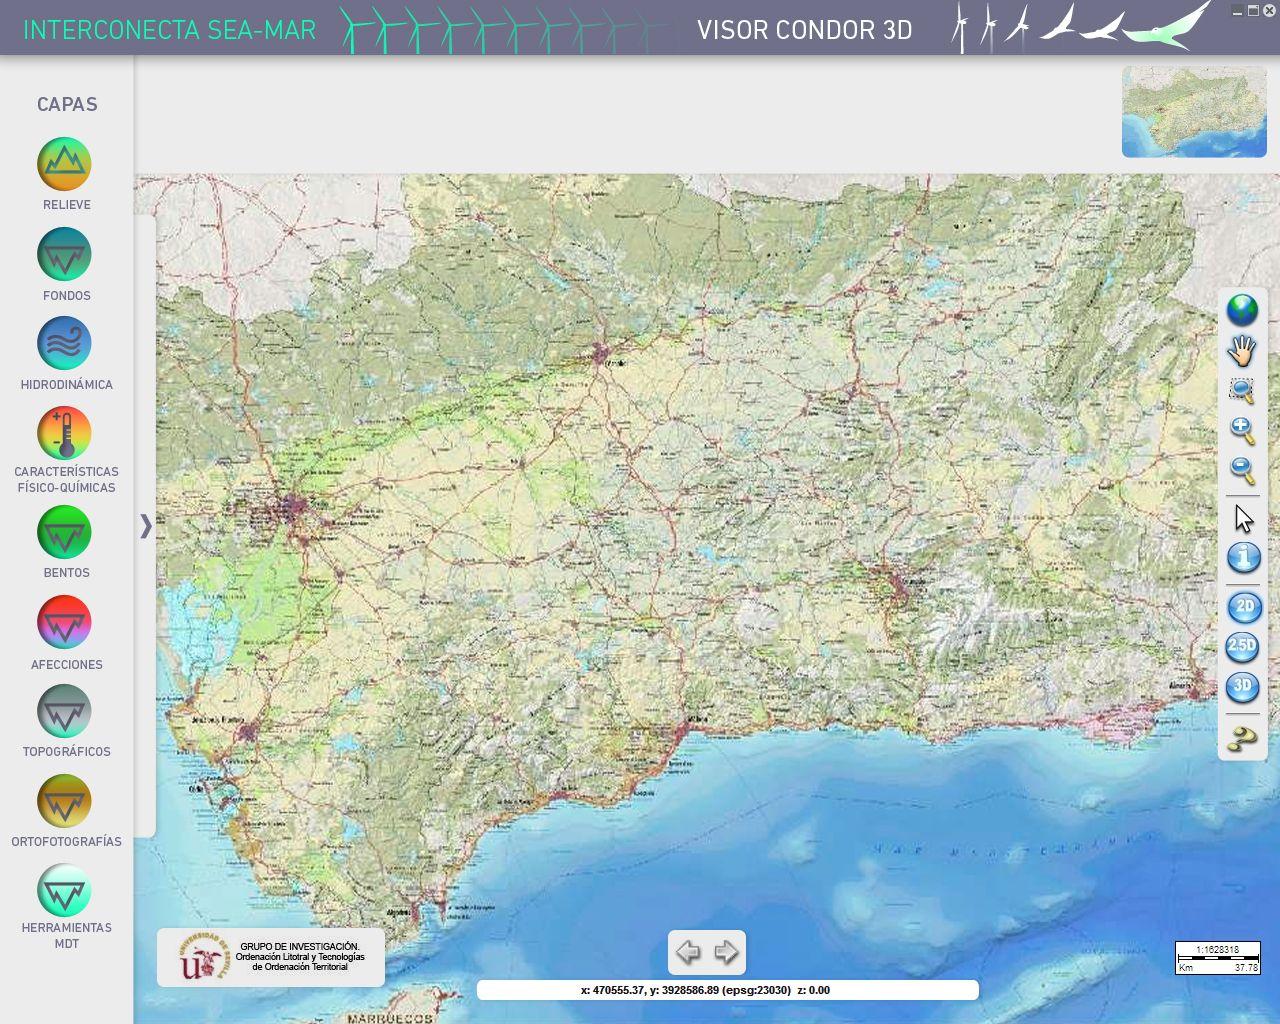 Visor Condor 3D, por UyM